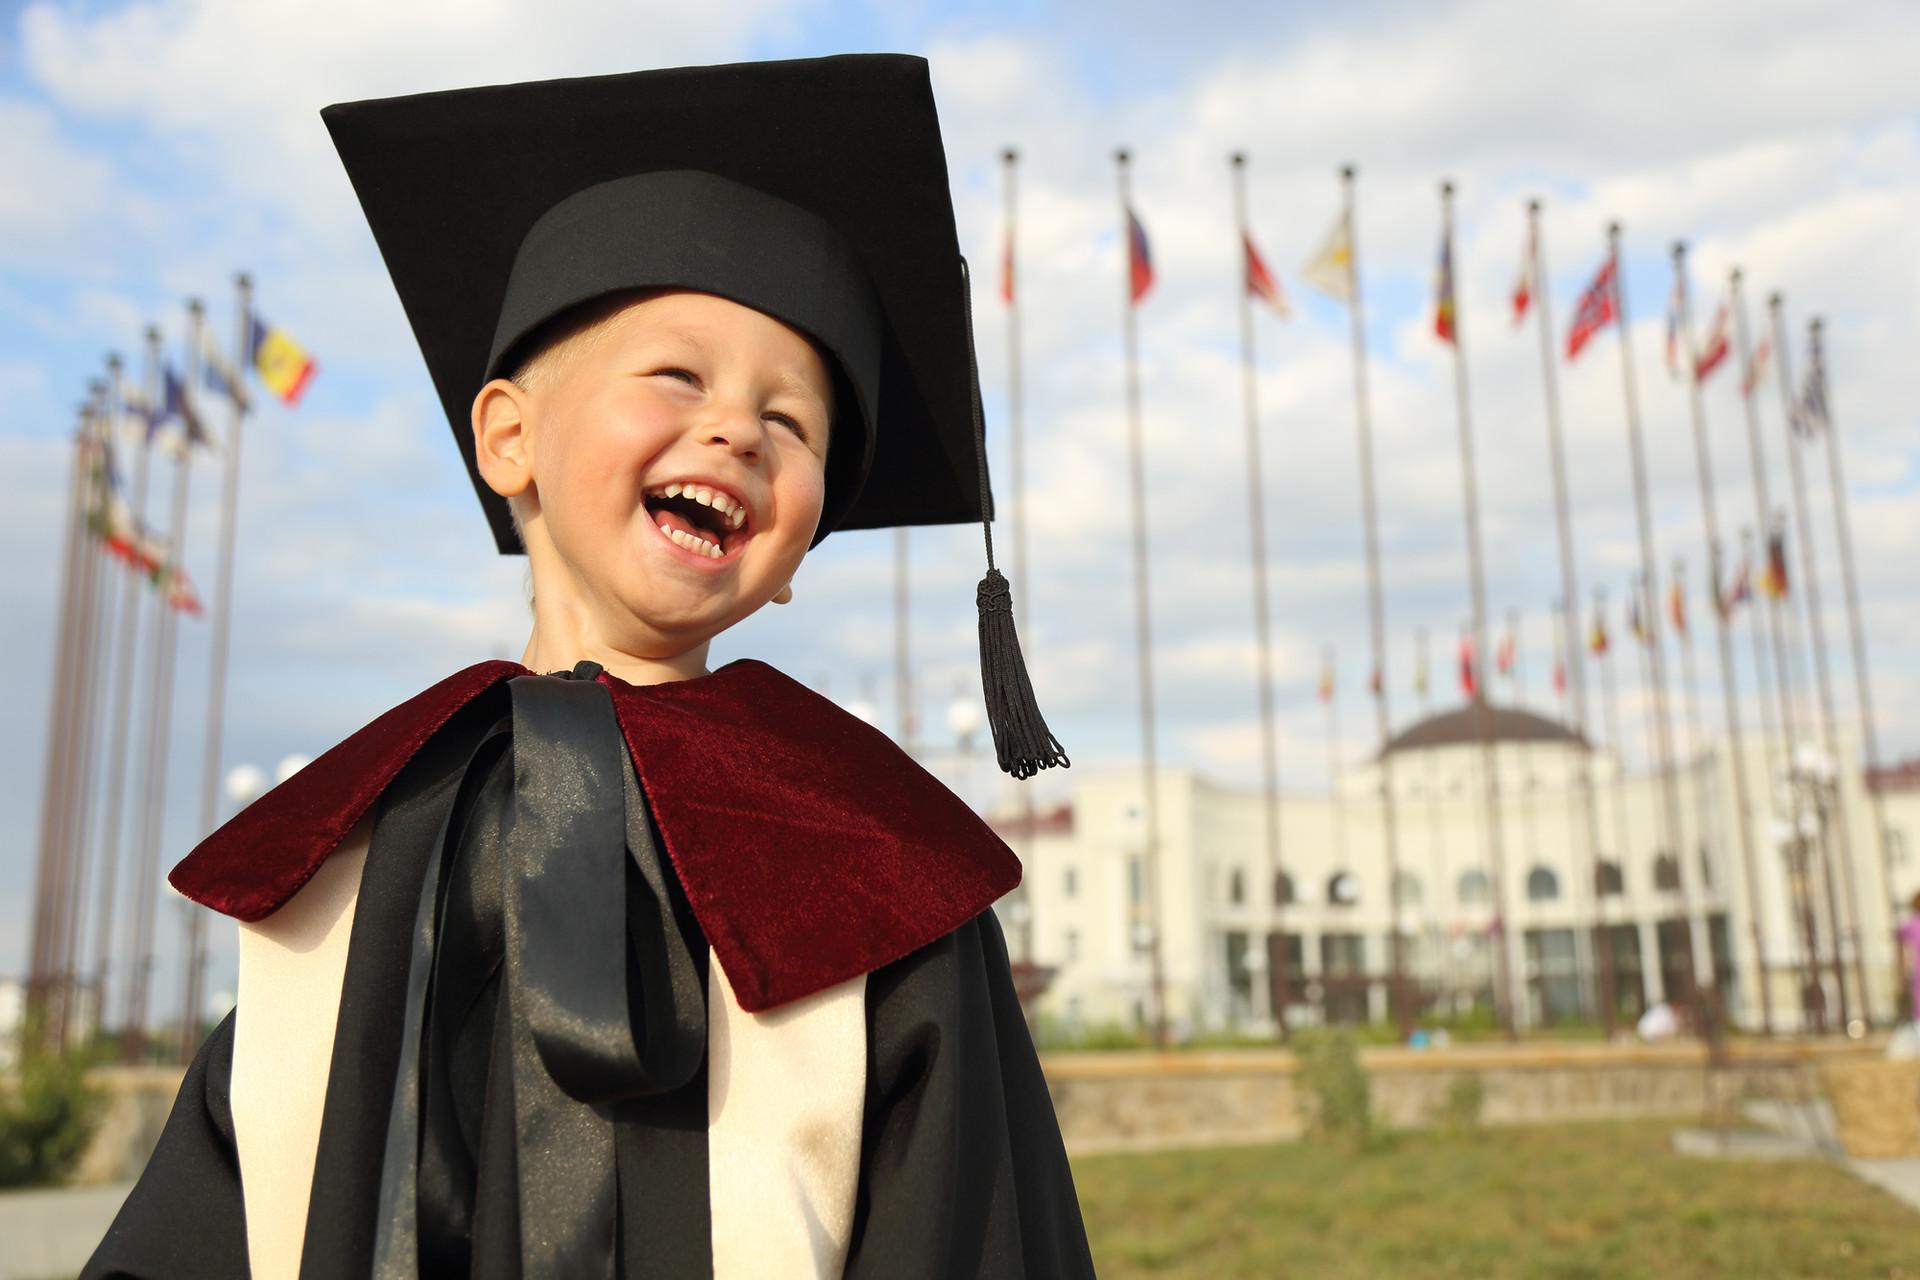 Niño en Traje de graduación